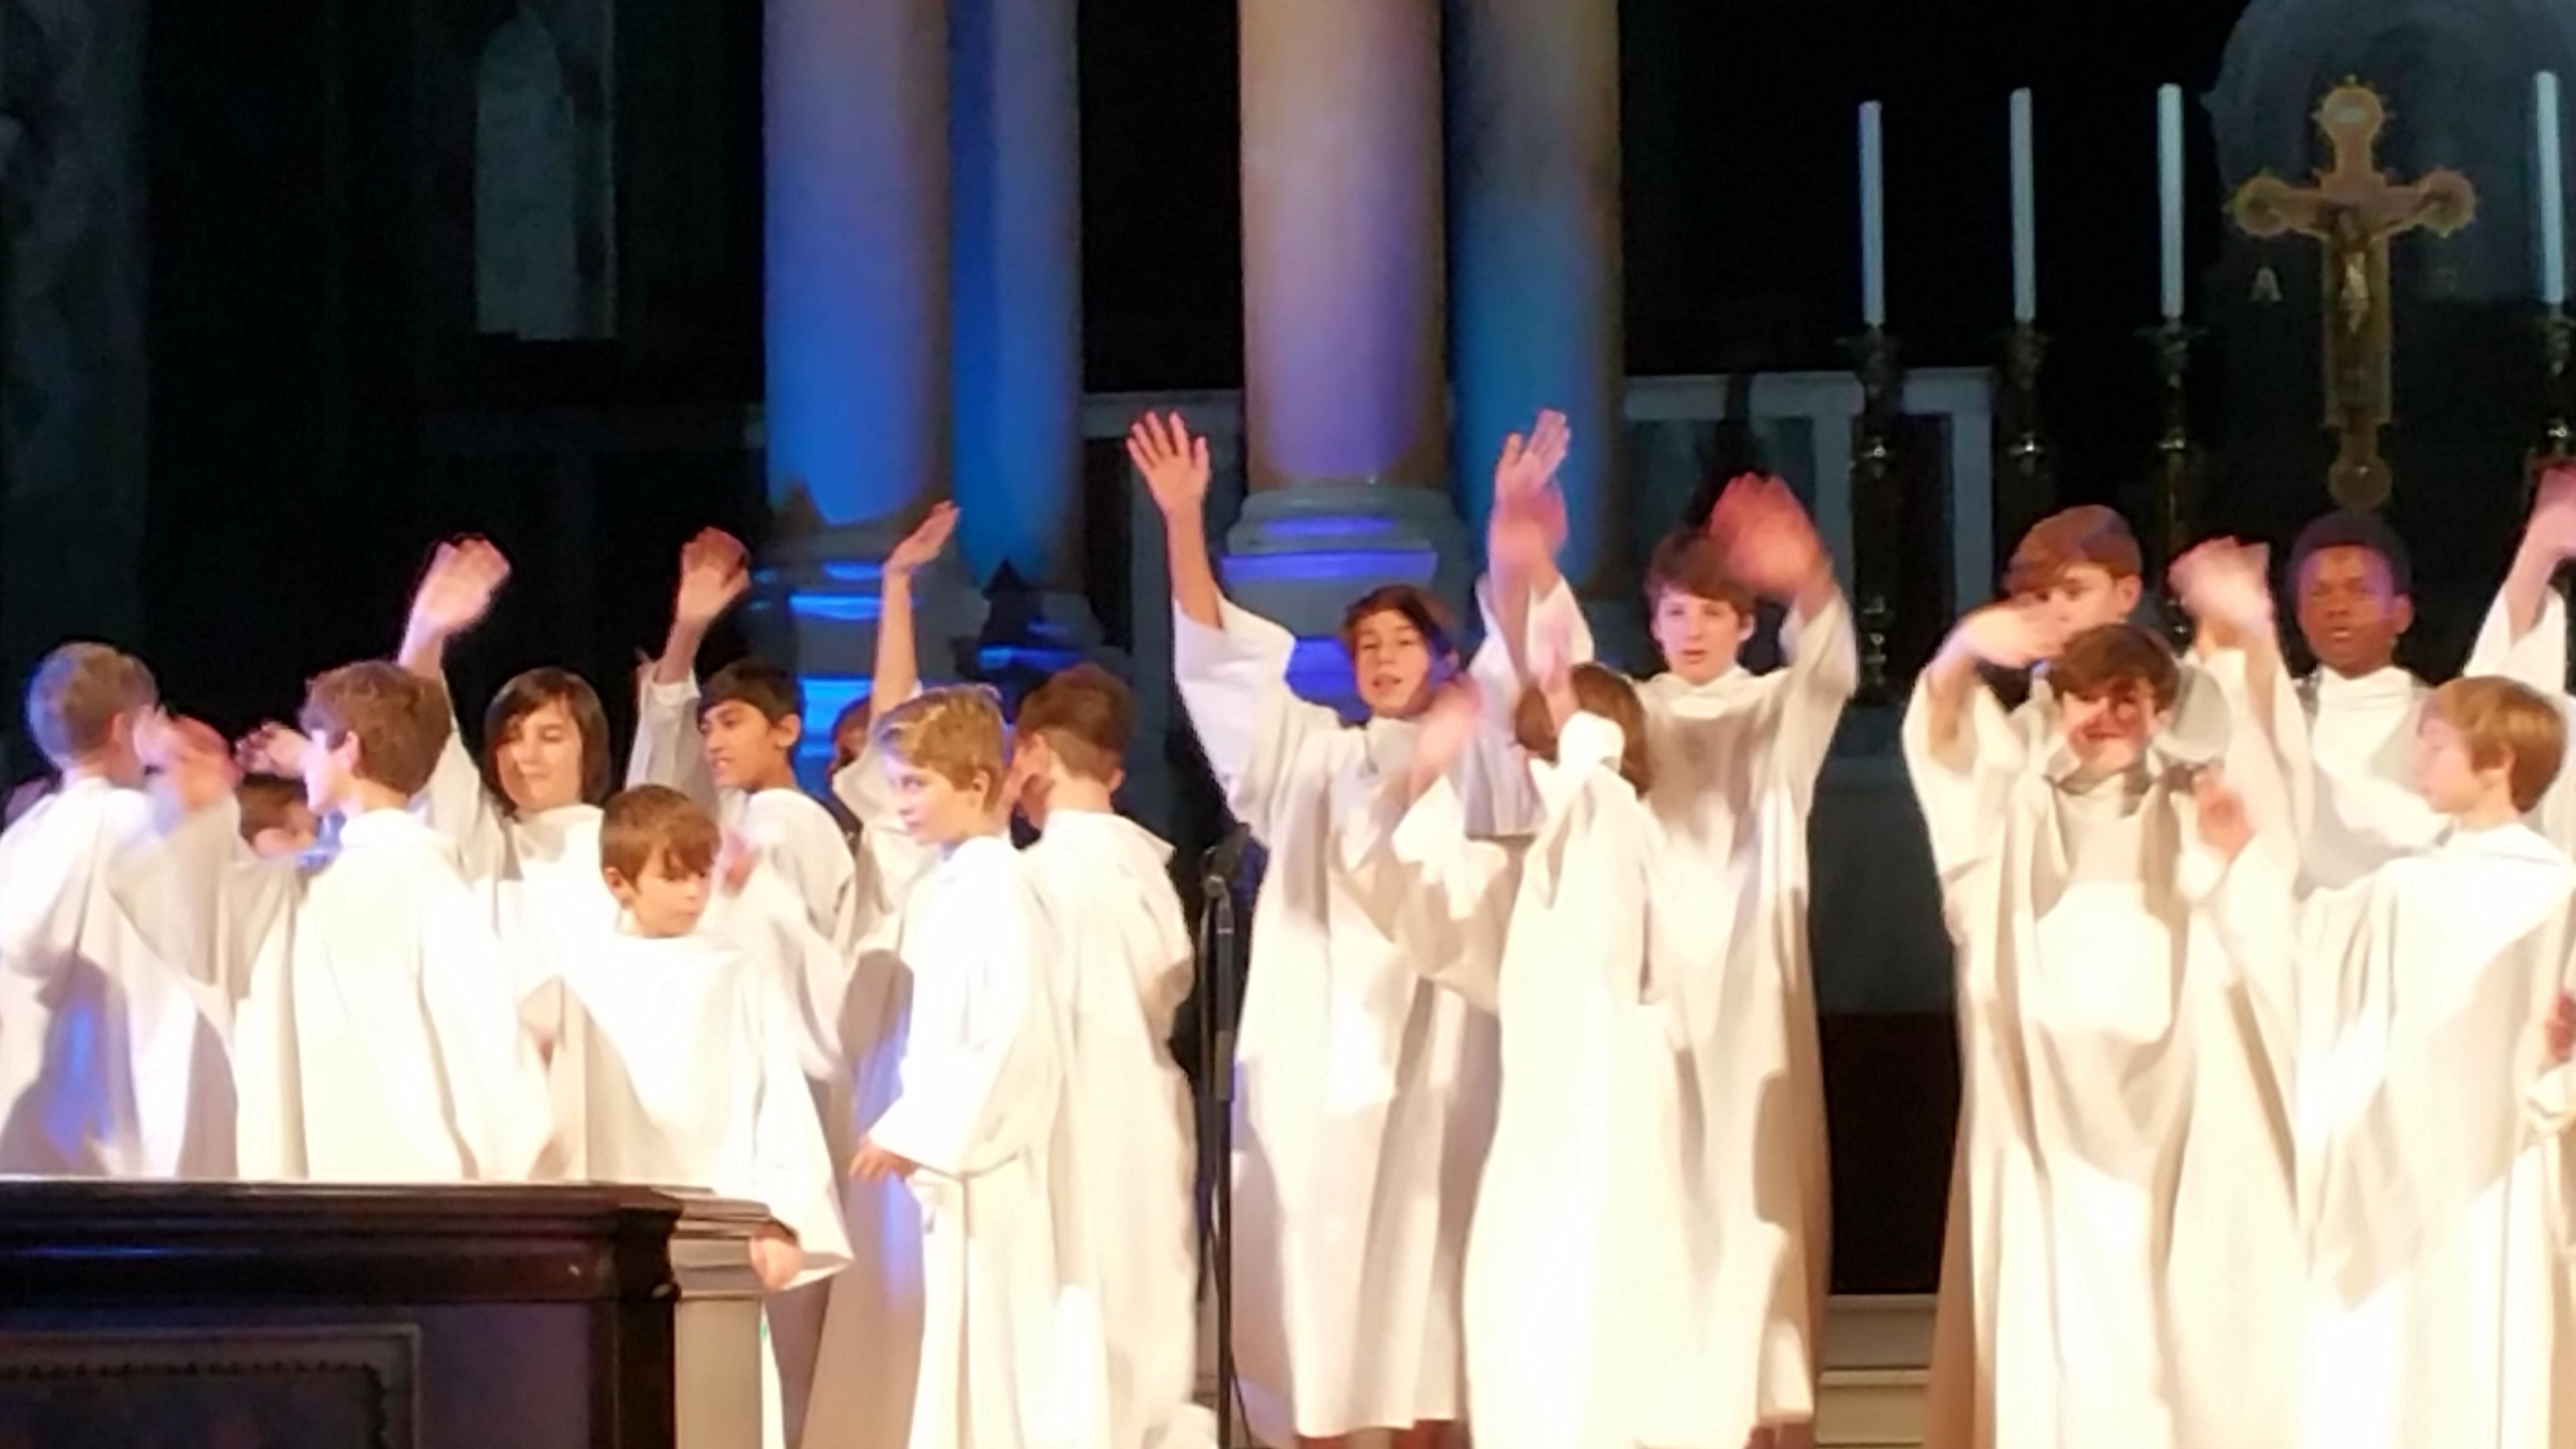 Concert à la cathédrale de Westminster (initialement St George's) le 1er décembre 2017 - Page 3 12806620171201221117